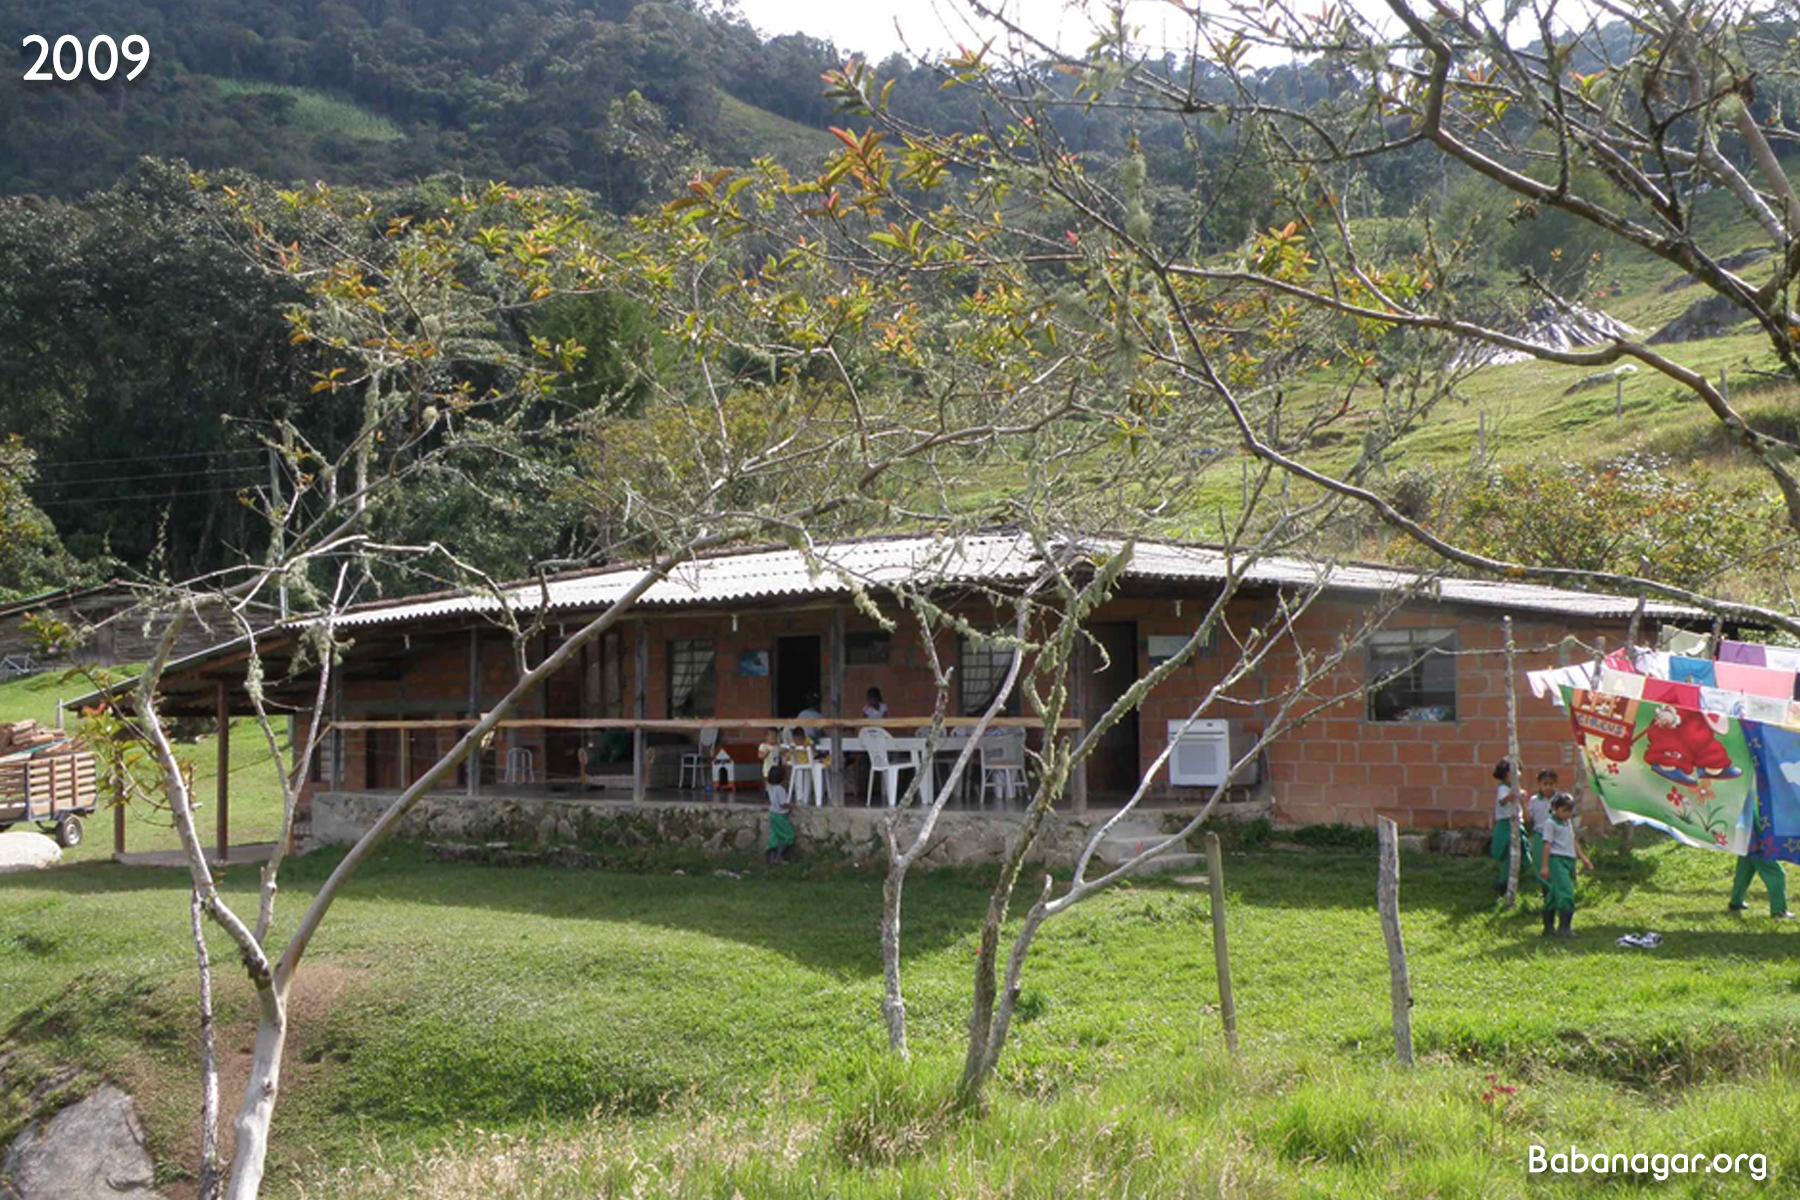 casa 2009